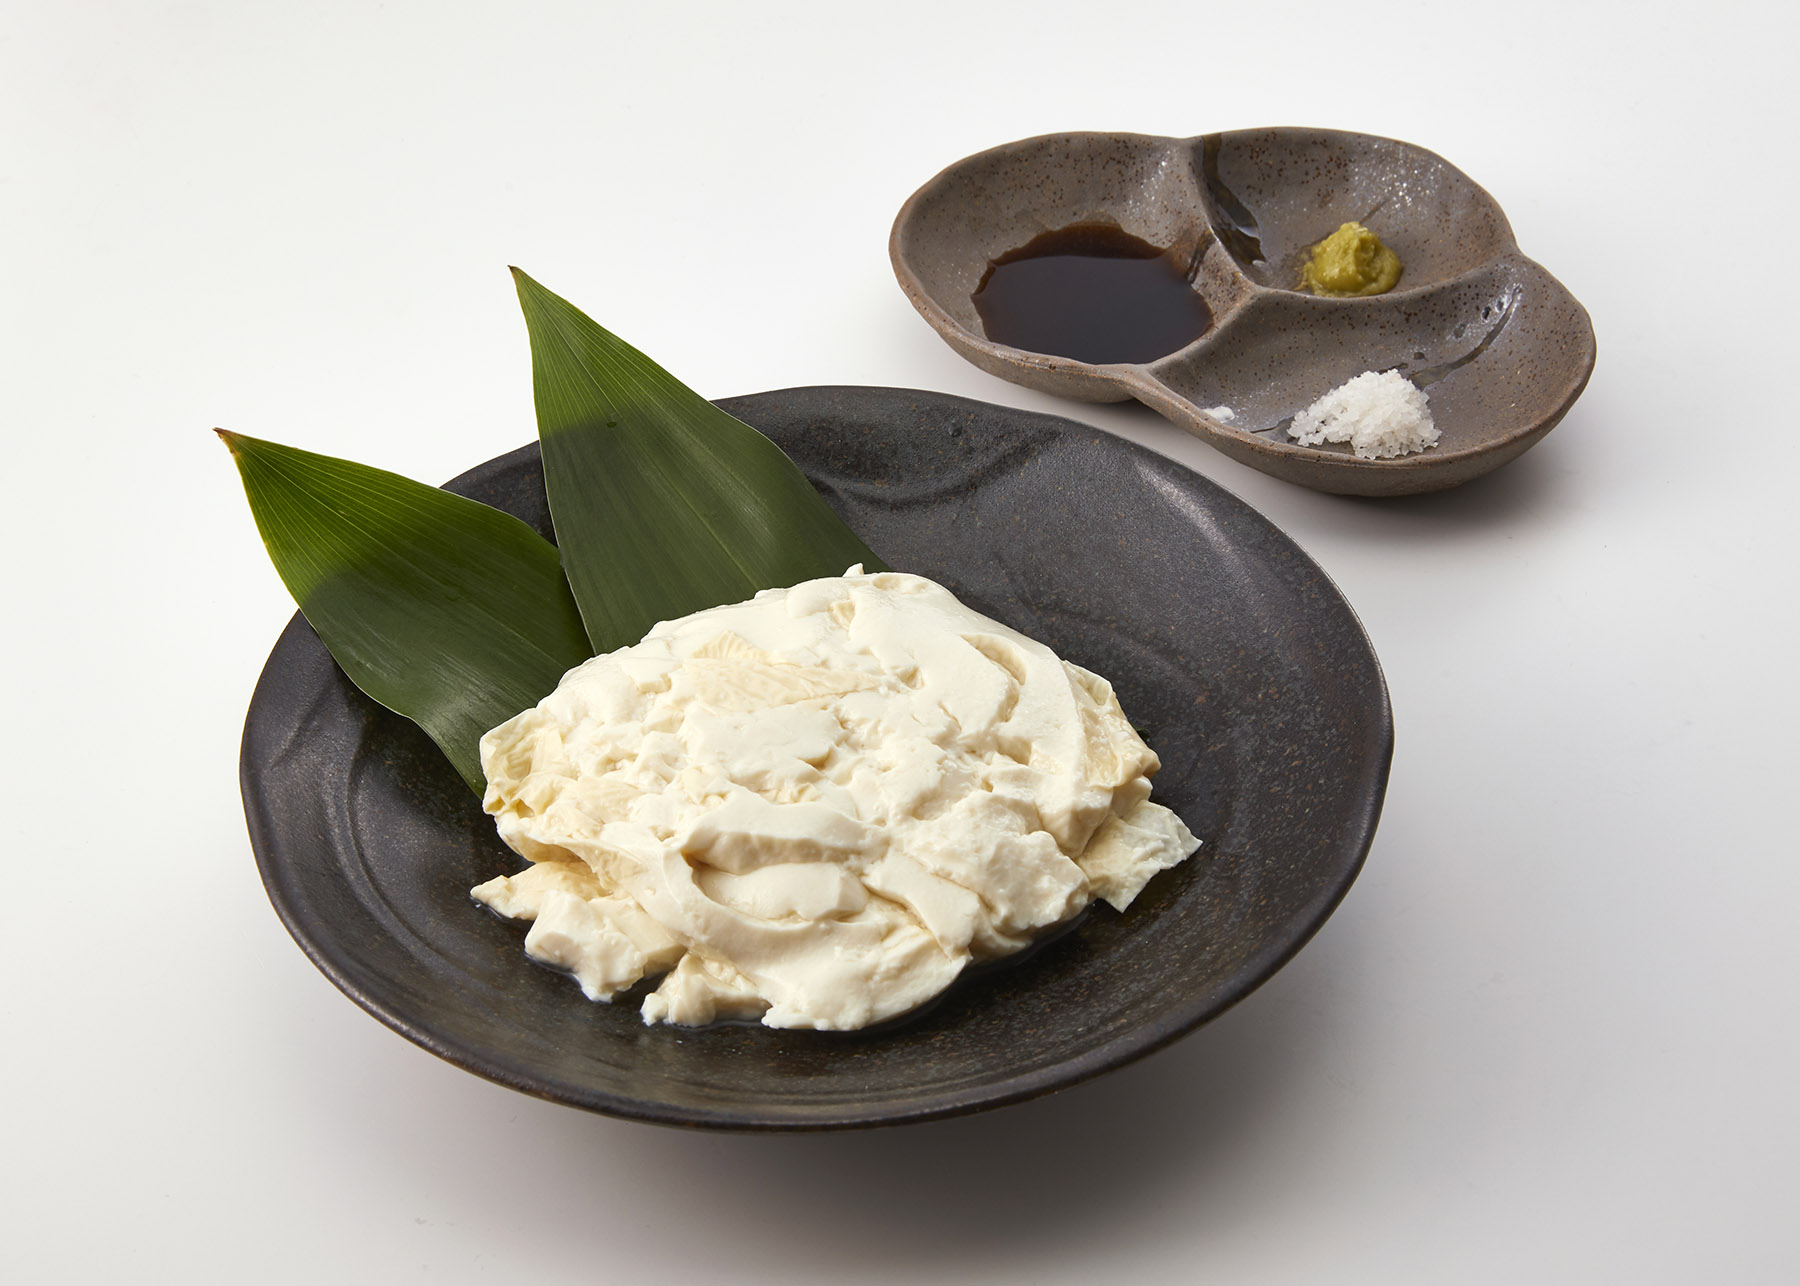 ゆば入り豆腐